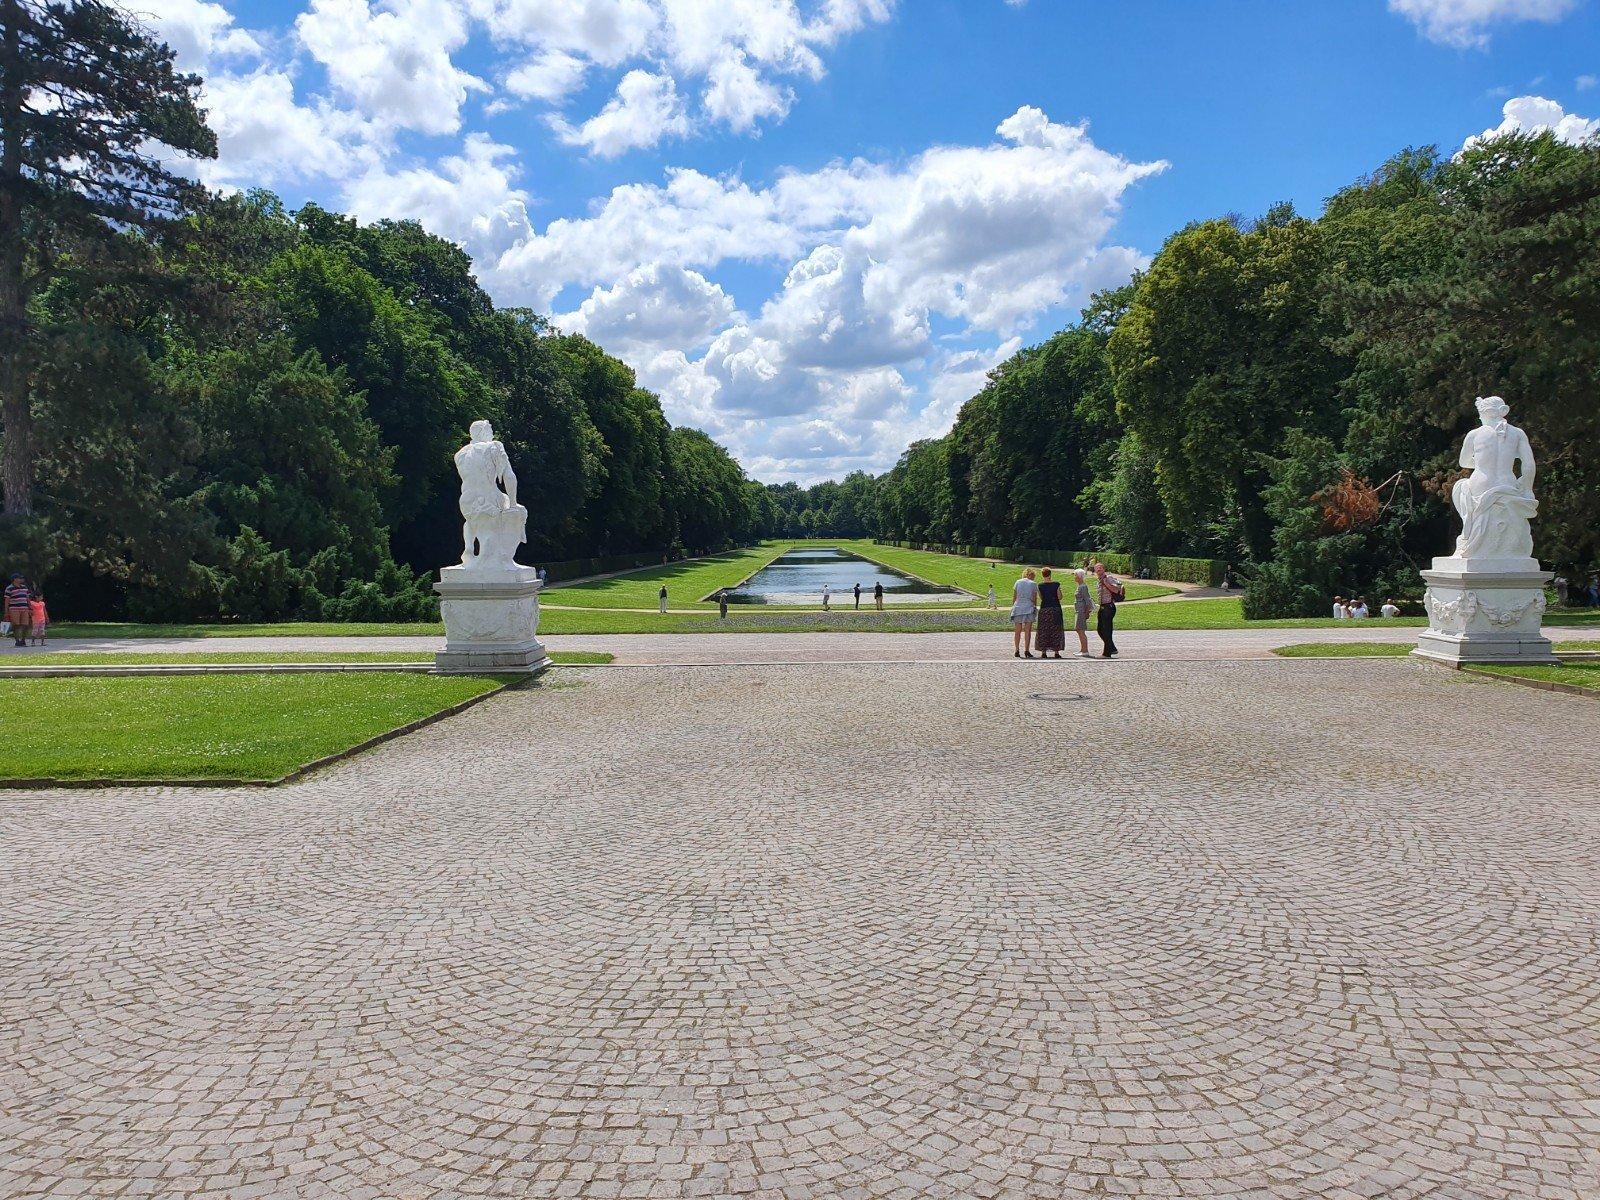 Vista del jardín de Benrath, con las estatuas griegas a ambos lados.